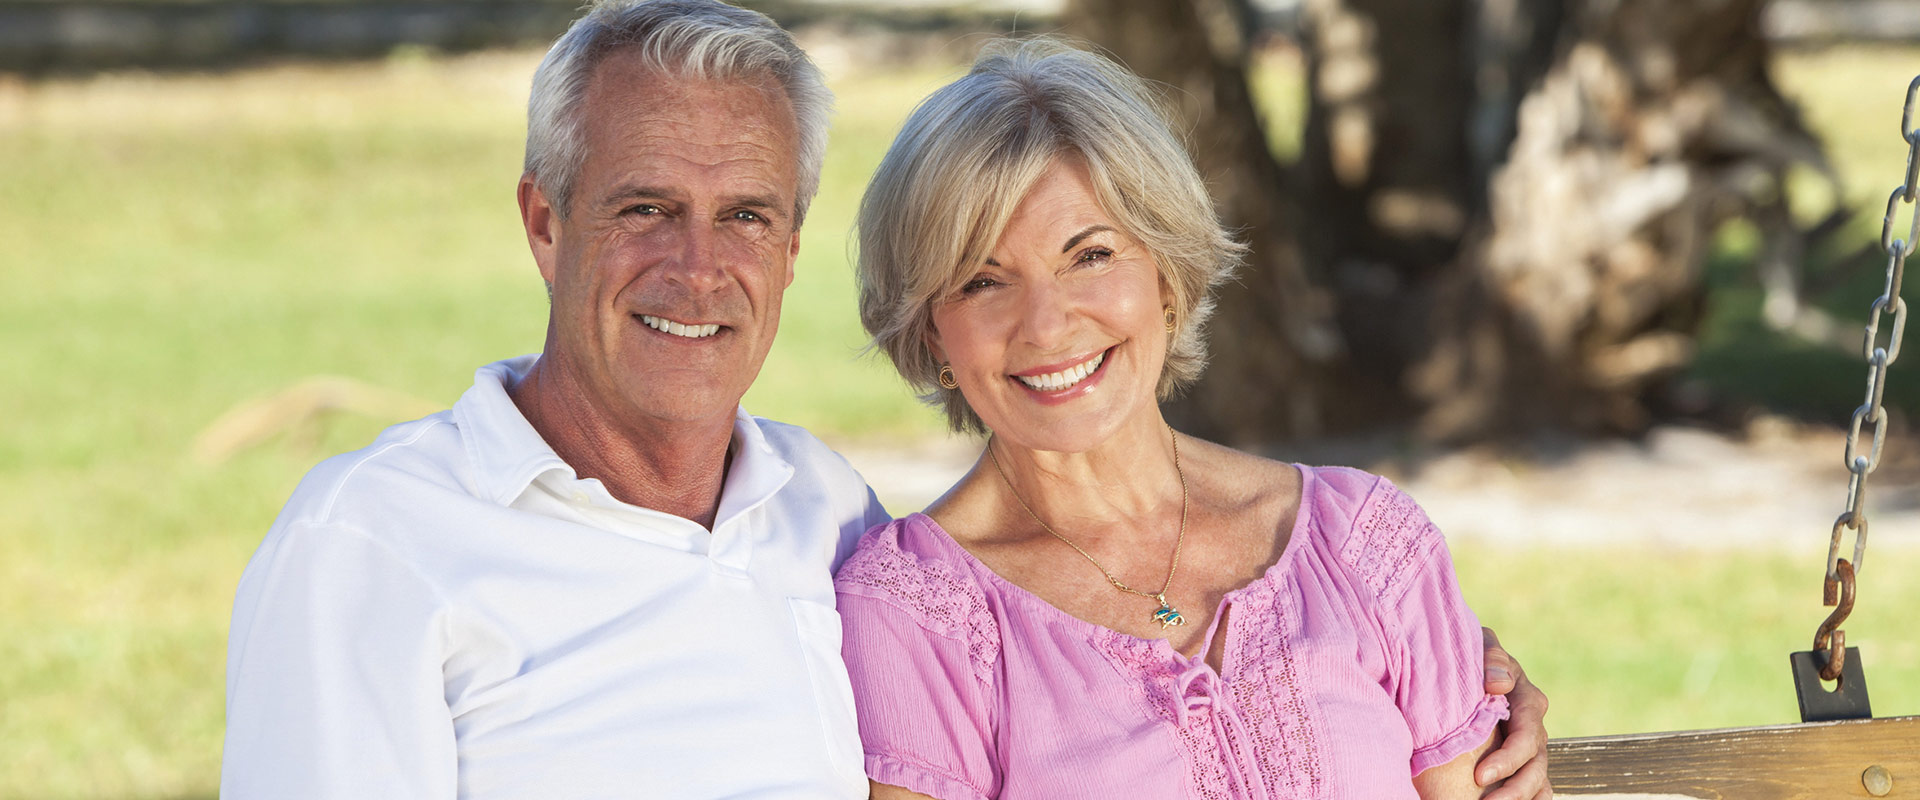 Parodontosebehandlung in Itzehoe